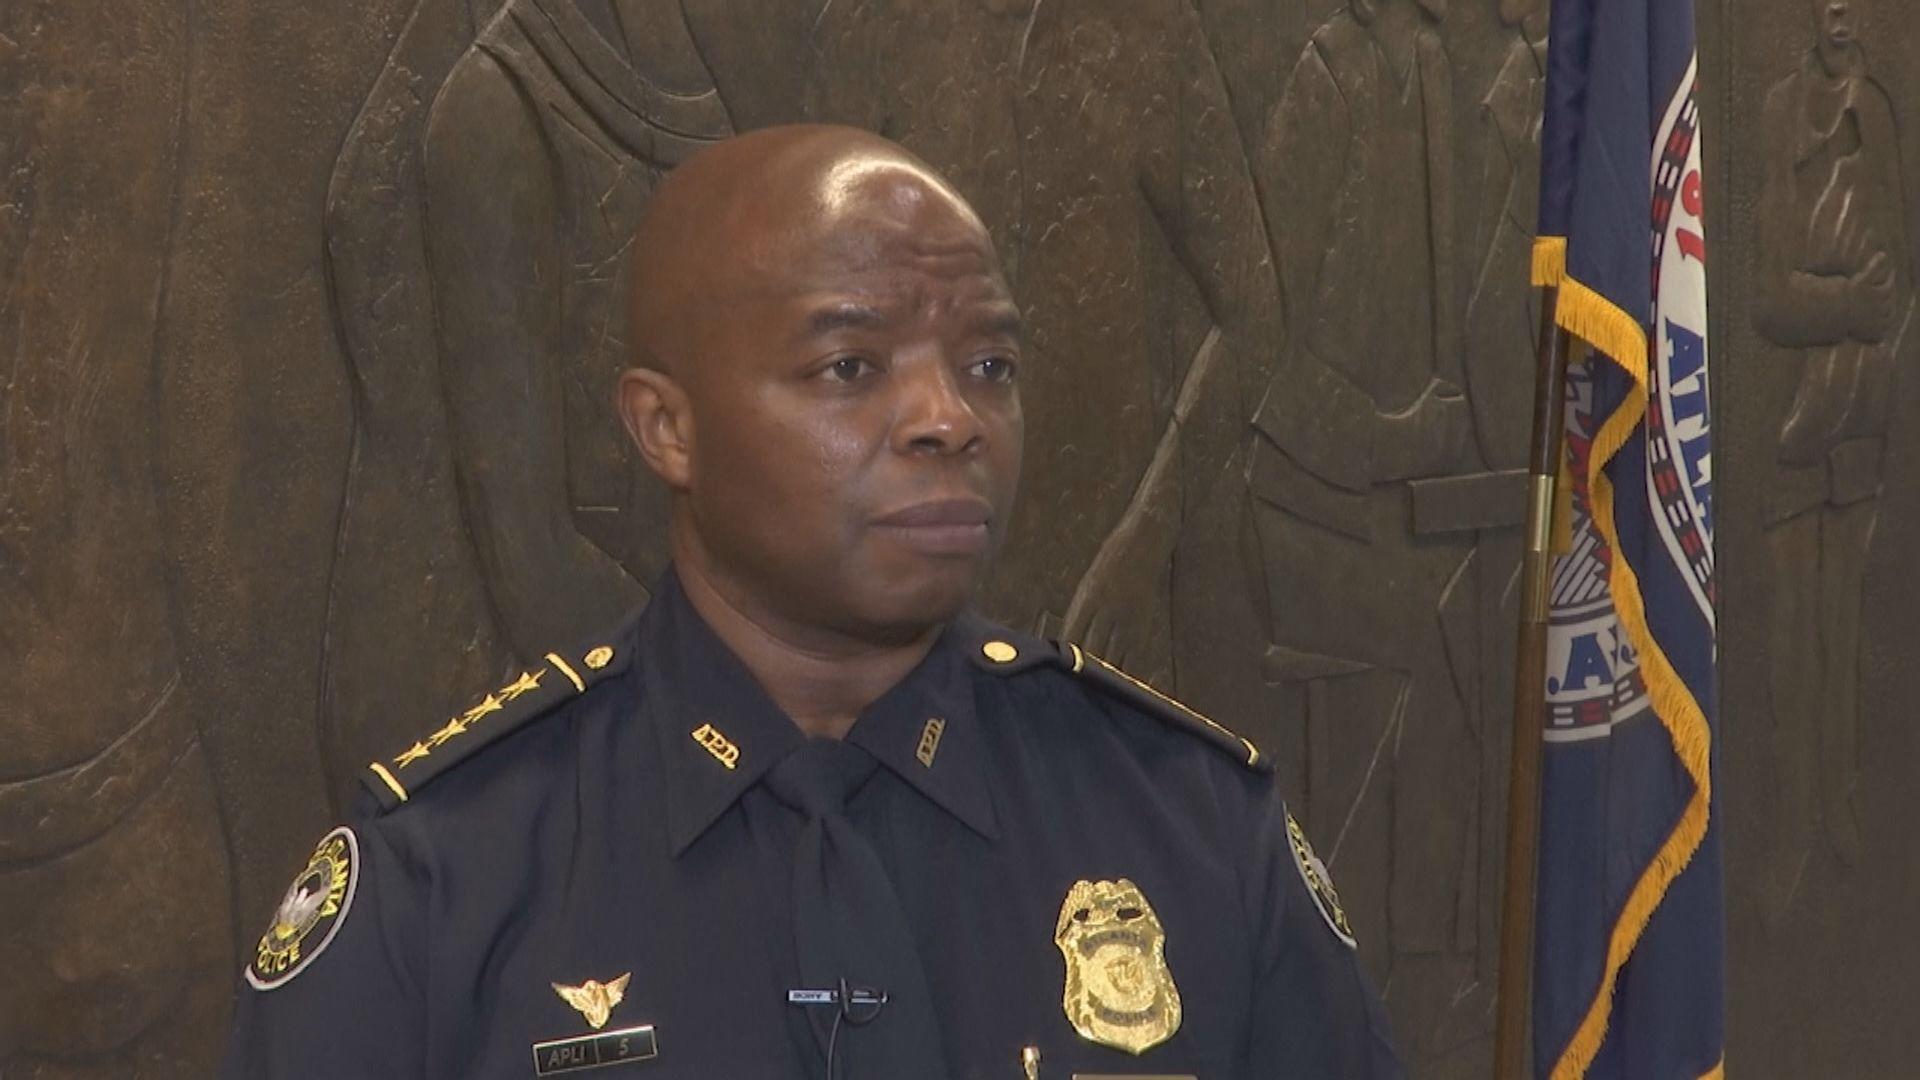 亞特蘭大臨時警察總長稱案件與種族無關